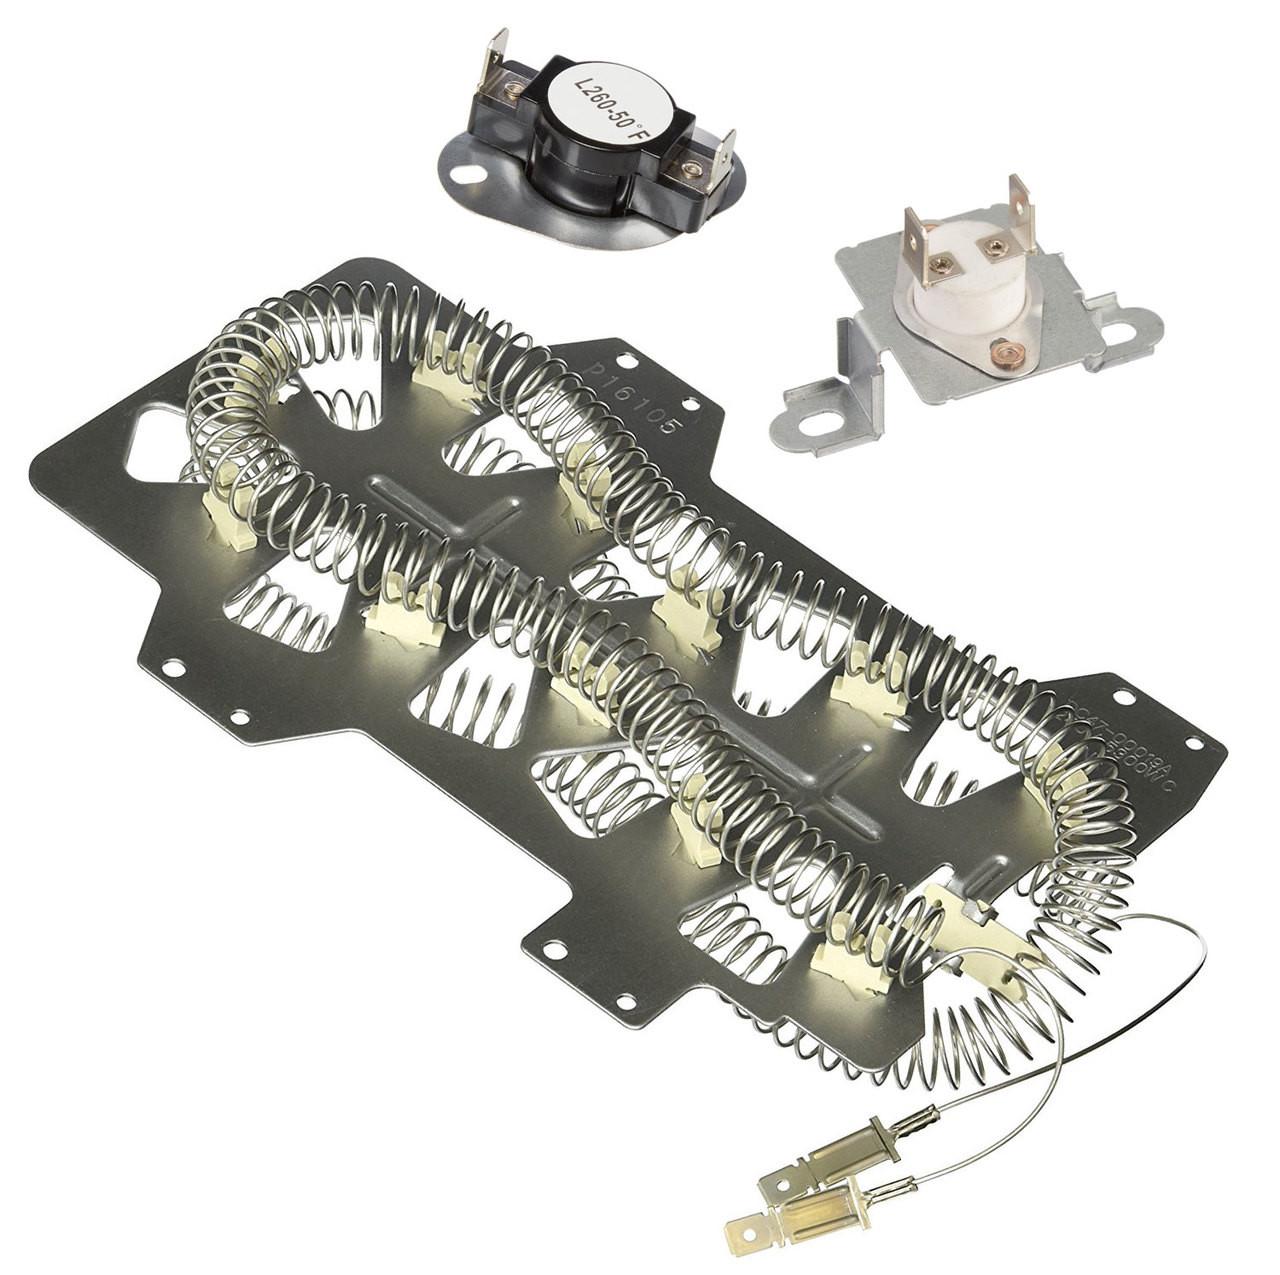 DV42H5400EF/A3-0000 Samsung Dryer Heating Element Fuse Kit